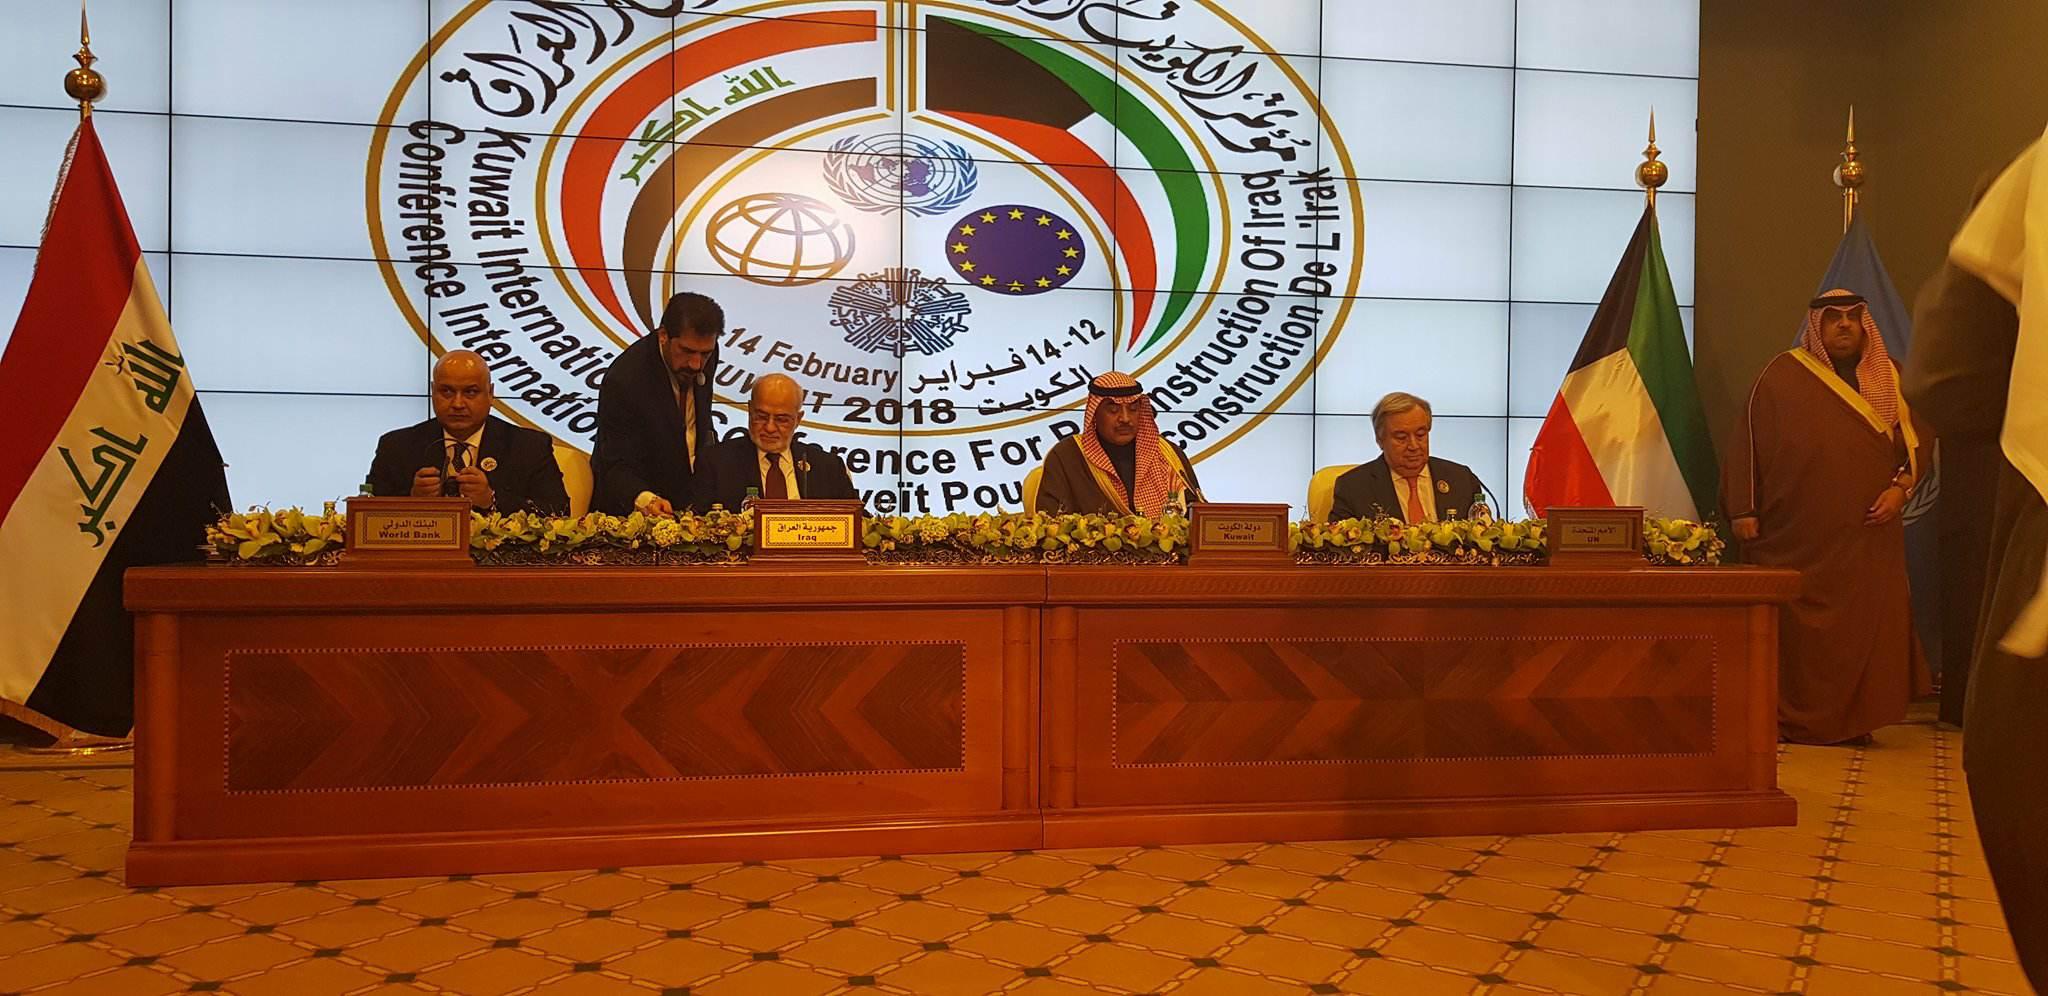 """البنك الدولي يؤكد التزامه بدعم العراق """"مهما كانت حاجاته لبناء الدولة"""""""